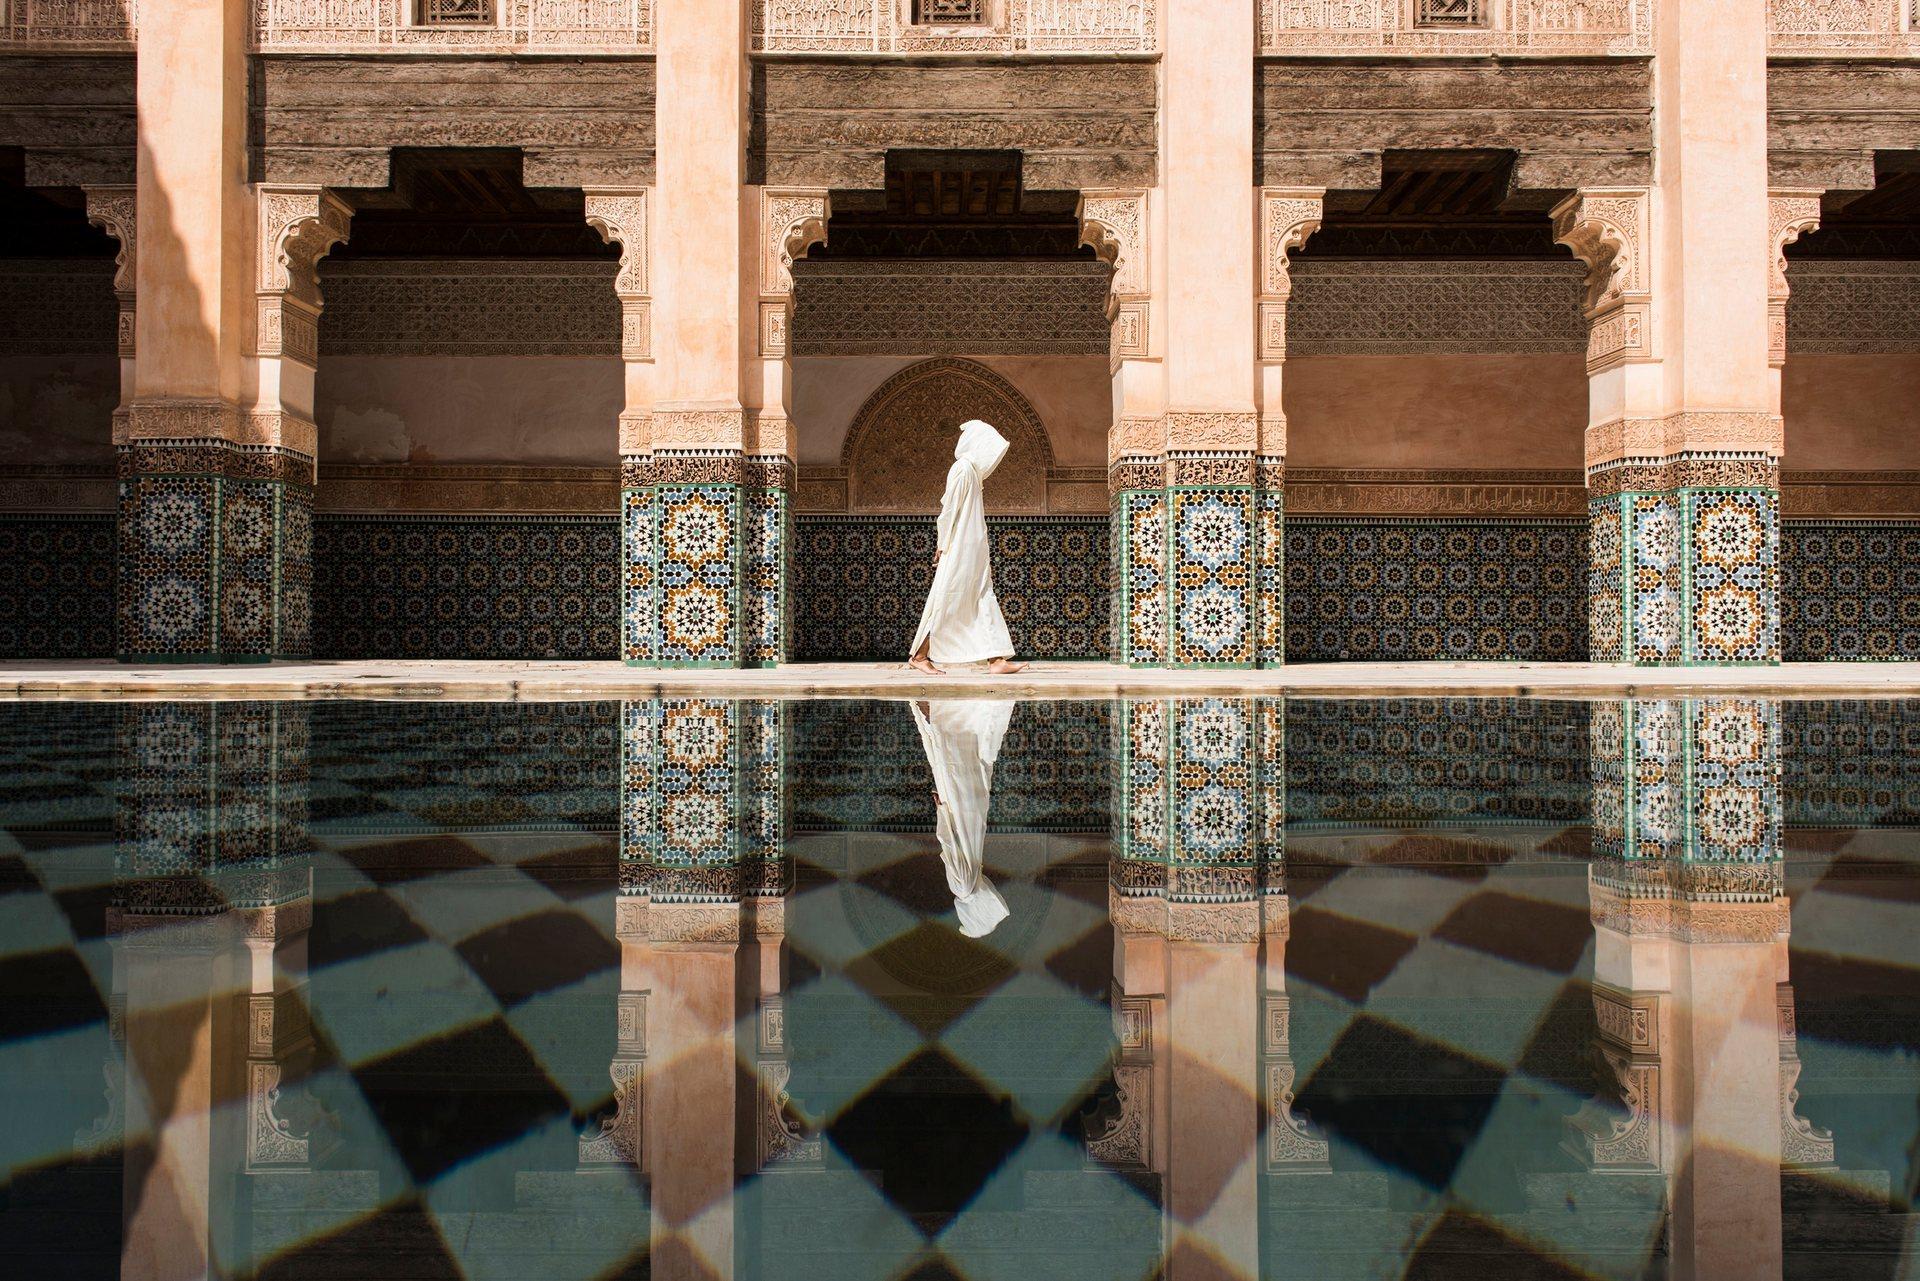 Πρώτη θέση, πόλεις: Ben Youssef. Ακόμη κι αν υπήρχαν πάρα πολλοί άνθρωποι στο Ben Youssef, ήταν πιο ήσυχο και χαλαρωτικό σε σχέση με το δρόμο έξω από το Marrakesh. Περίμενα την κατάλληλη στιγμή να φωτογραφίσω για πολύ ώρα. Photograph: Takashi Nakagawa/National Geographic Travel Photographer of the Year Contest